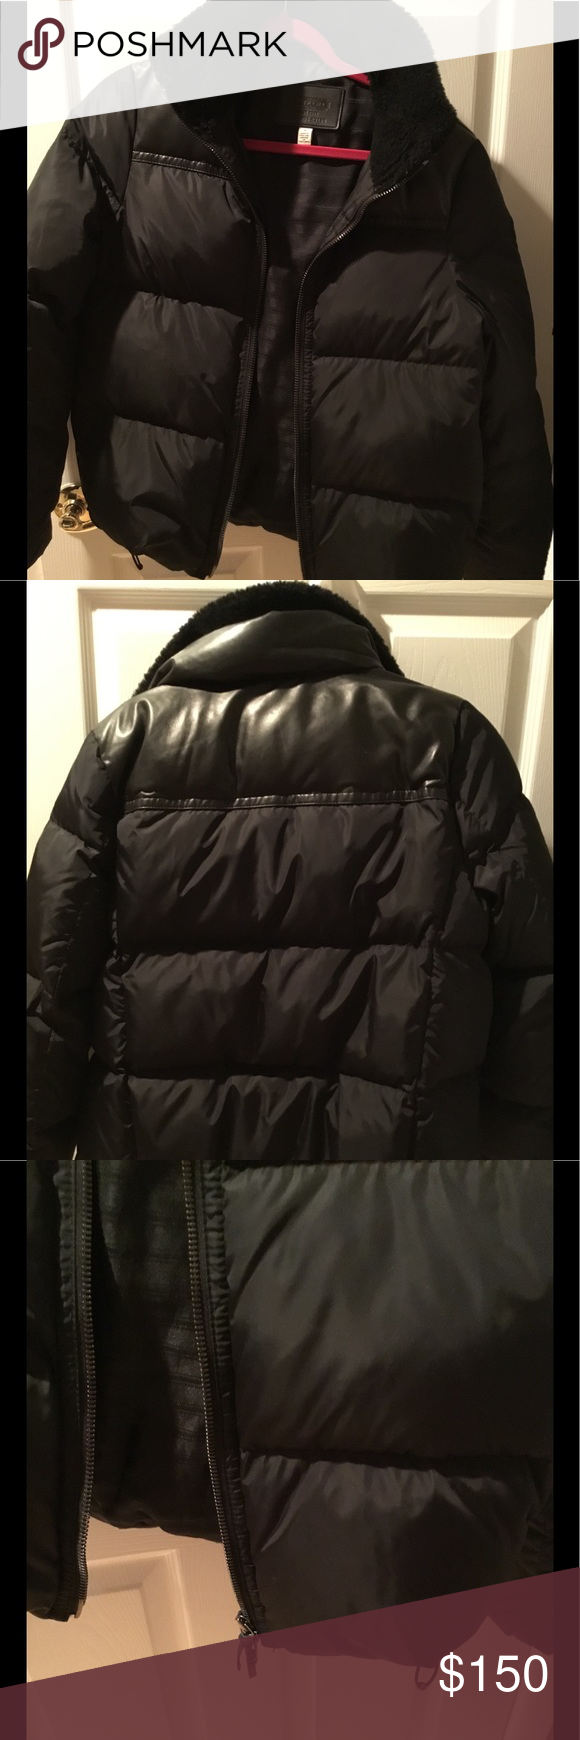 Coach Puffer Jacket Jackets Puffer Jackets Coach [ 1740 x 580 Pixel ]